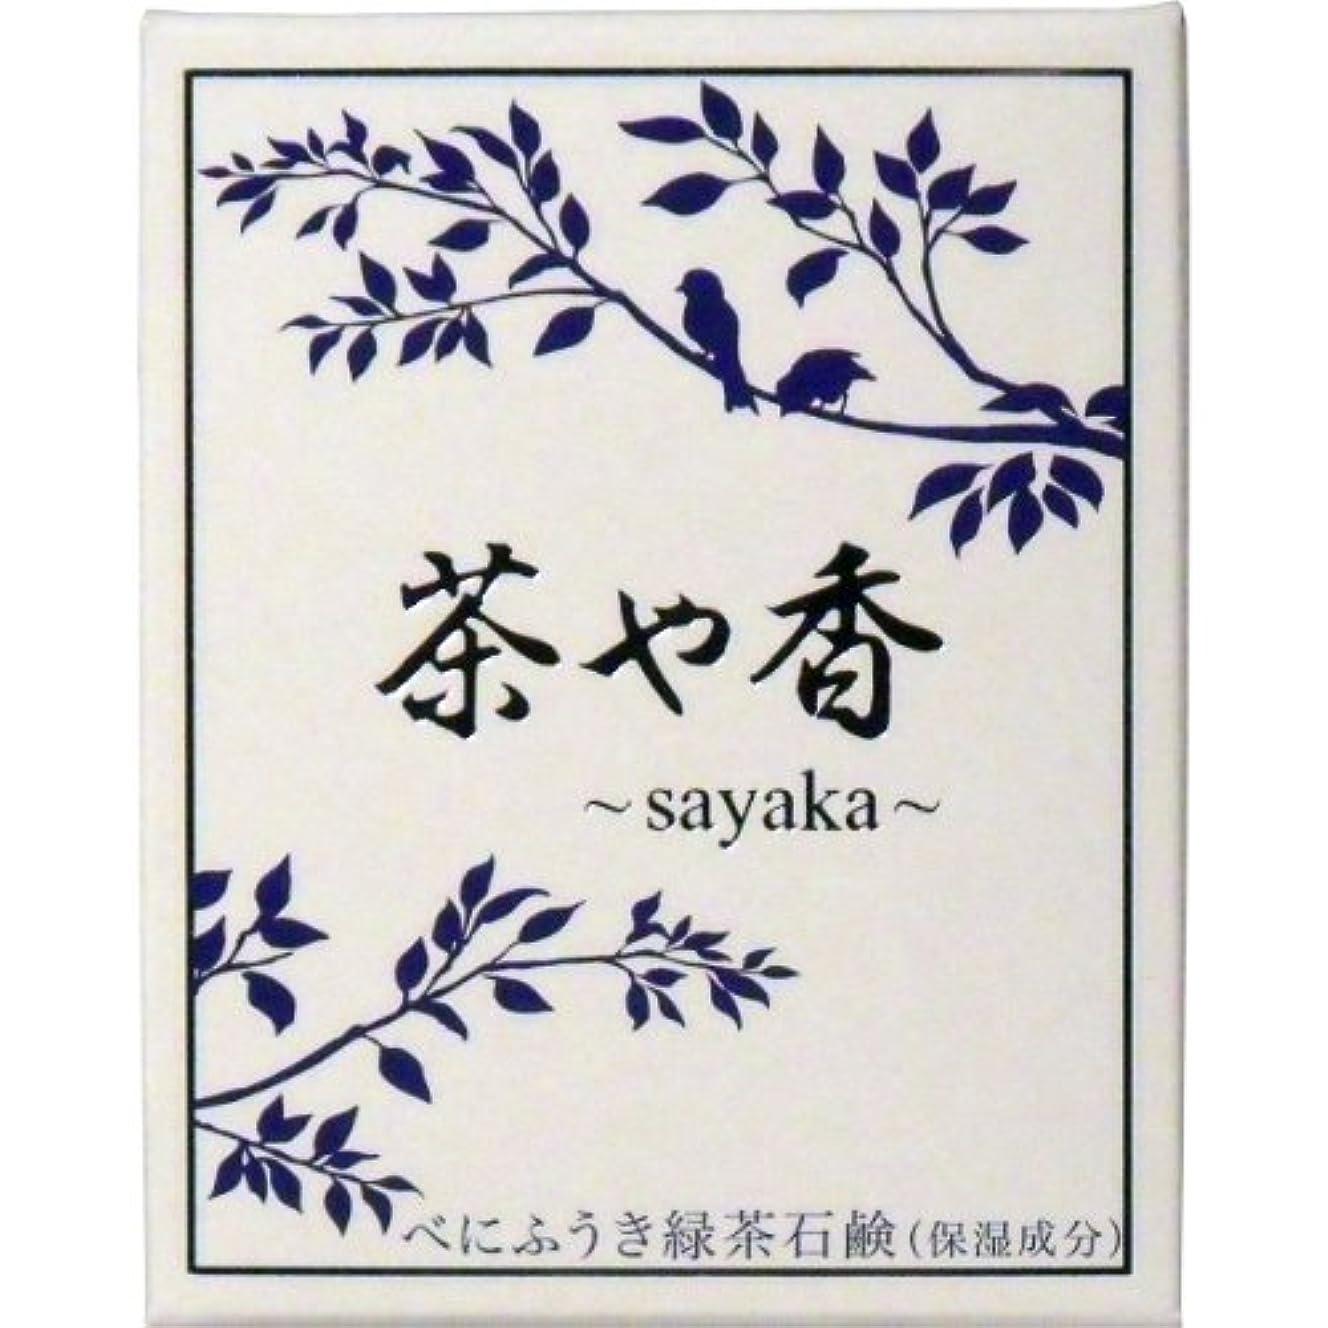 国民投票石化するスコア茶や香 -sayaka- べにふうき緑茶石鹸 100g入 ×8個セット